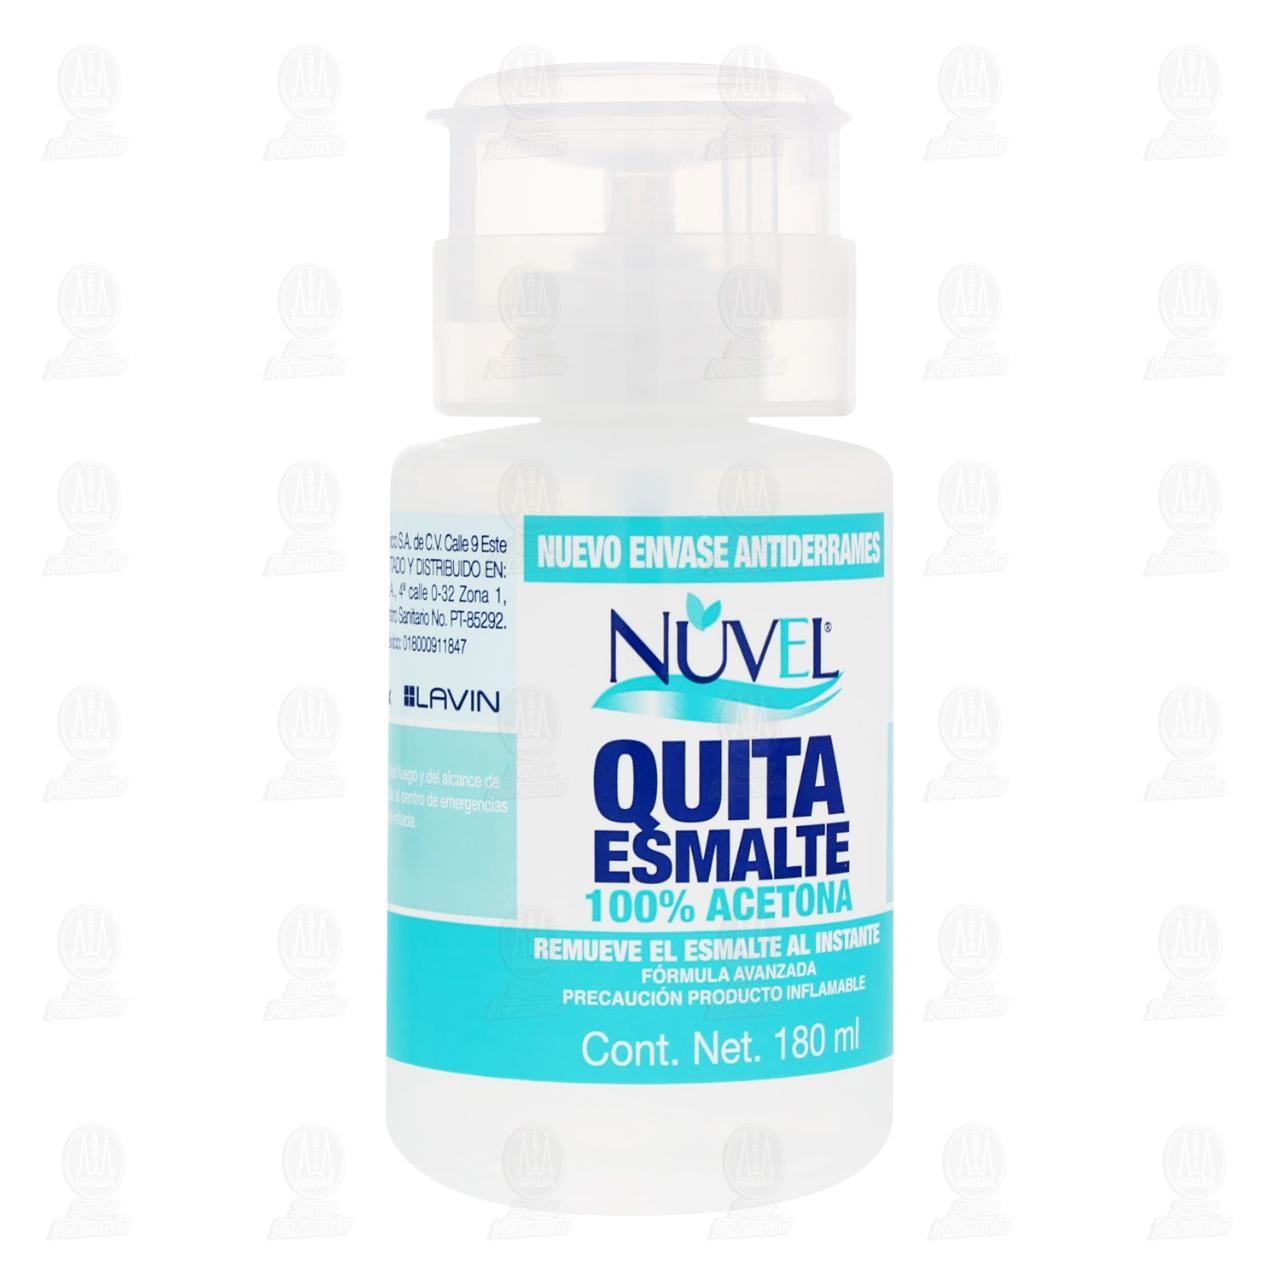 Comprar Quita Esmalte Nuvel 100% Acetona, 180 ml. en Farmacias Guadalajara